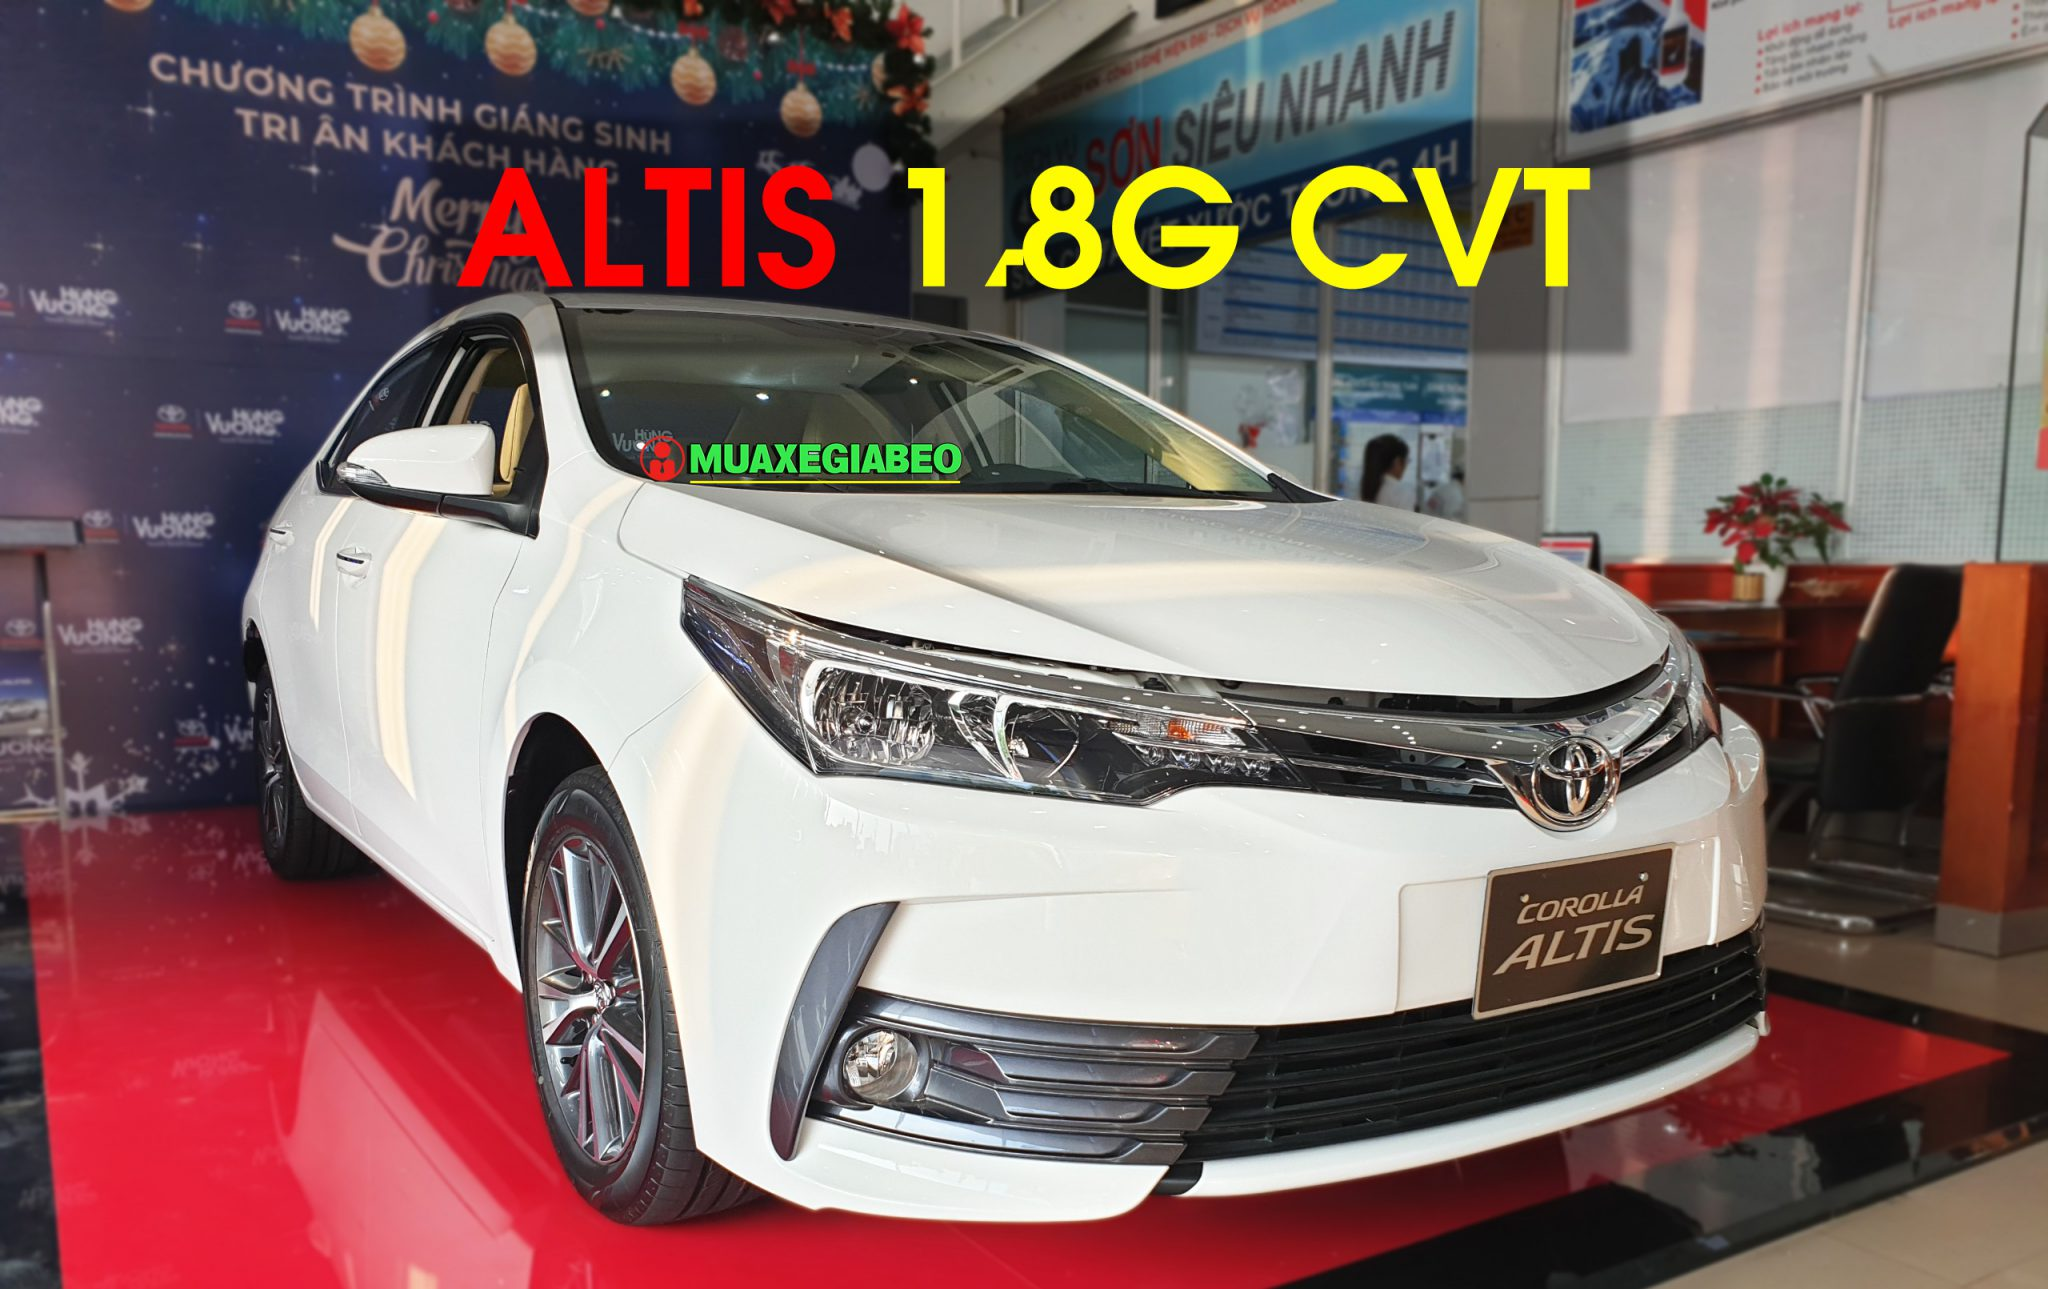 Altis 1.8 G CVT ảnh 6